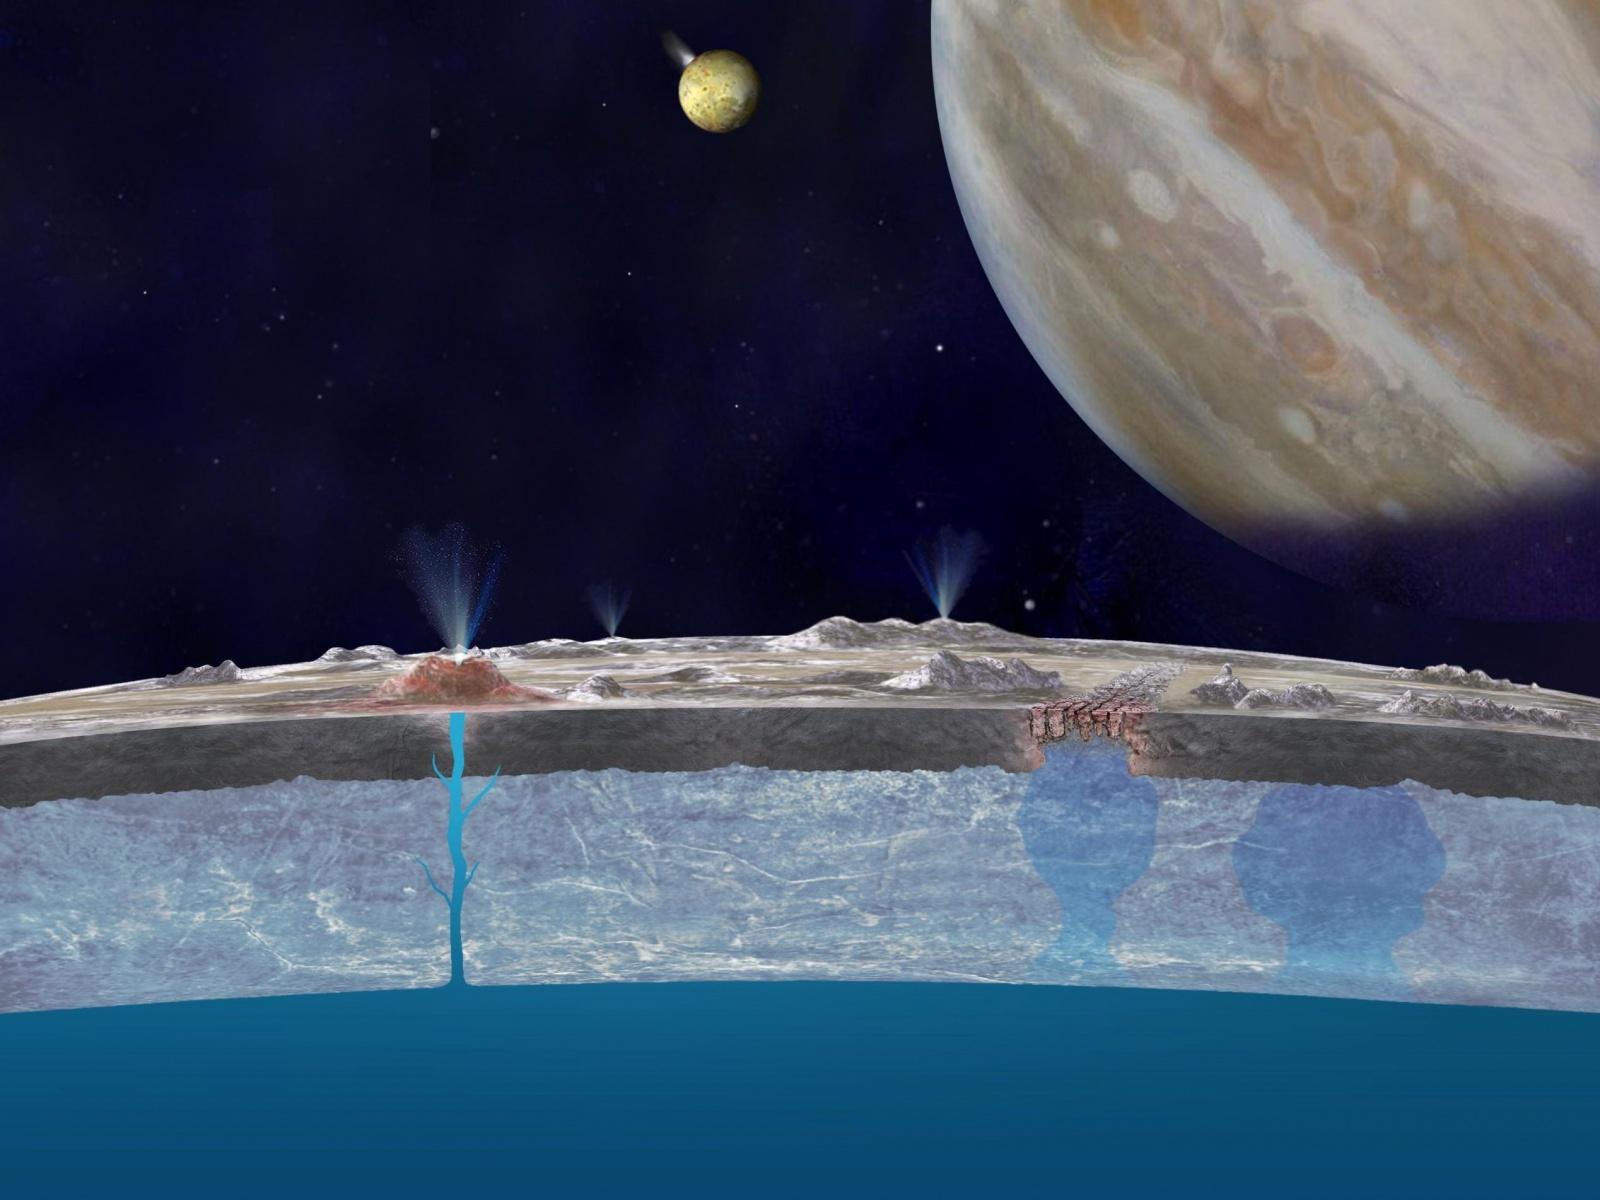 НАСА, возможно, обнаружило водяные гейзеры на Европе - 1